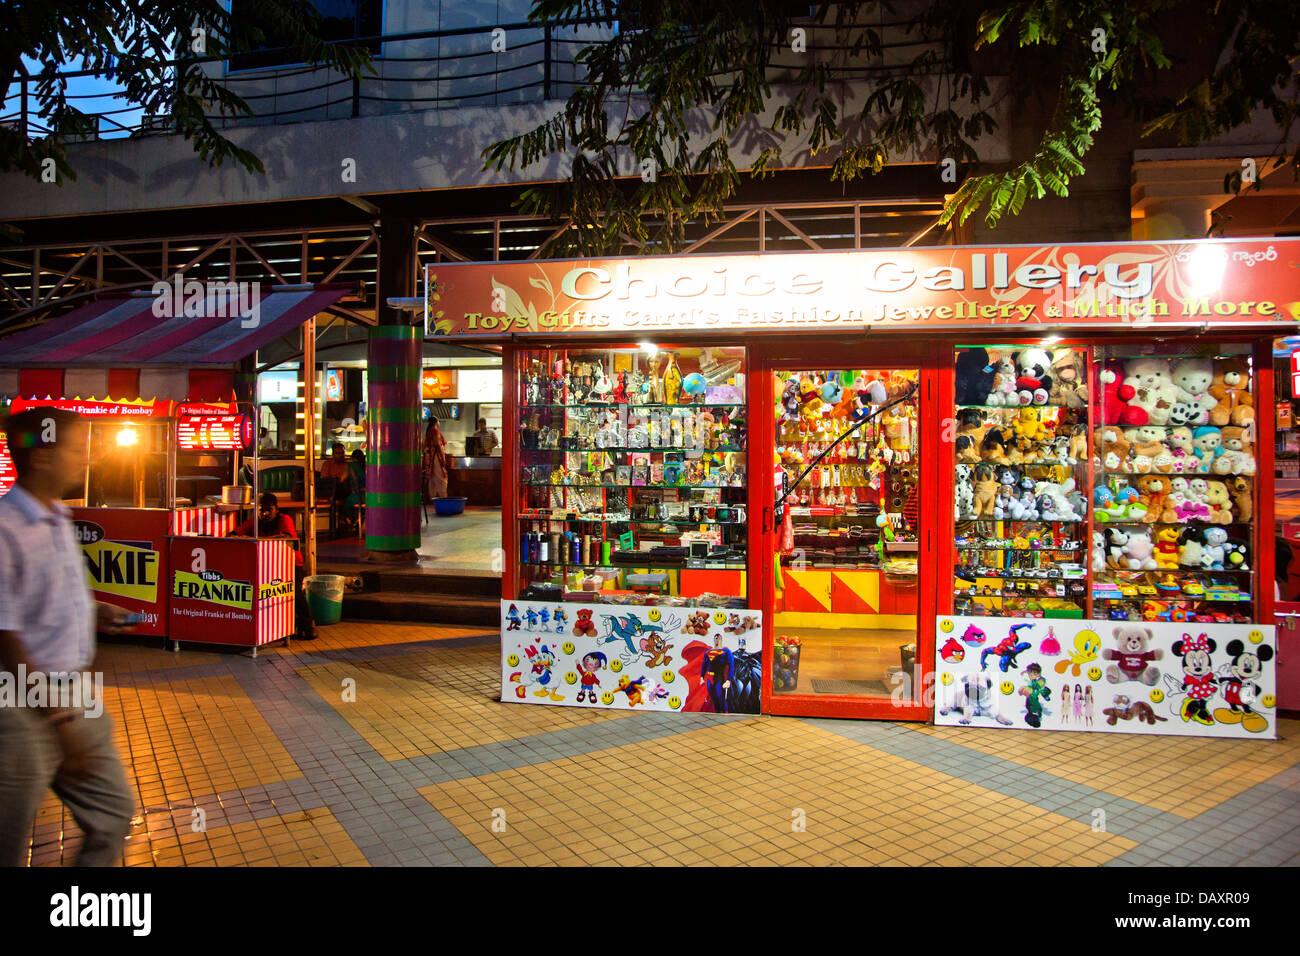 Negozio di giocattoli a luogo turistico, Mangiare Street, Hyderabad, Andhra Pradesh, India Immagini Stock